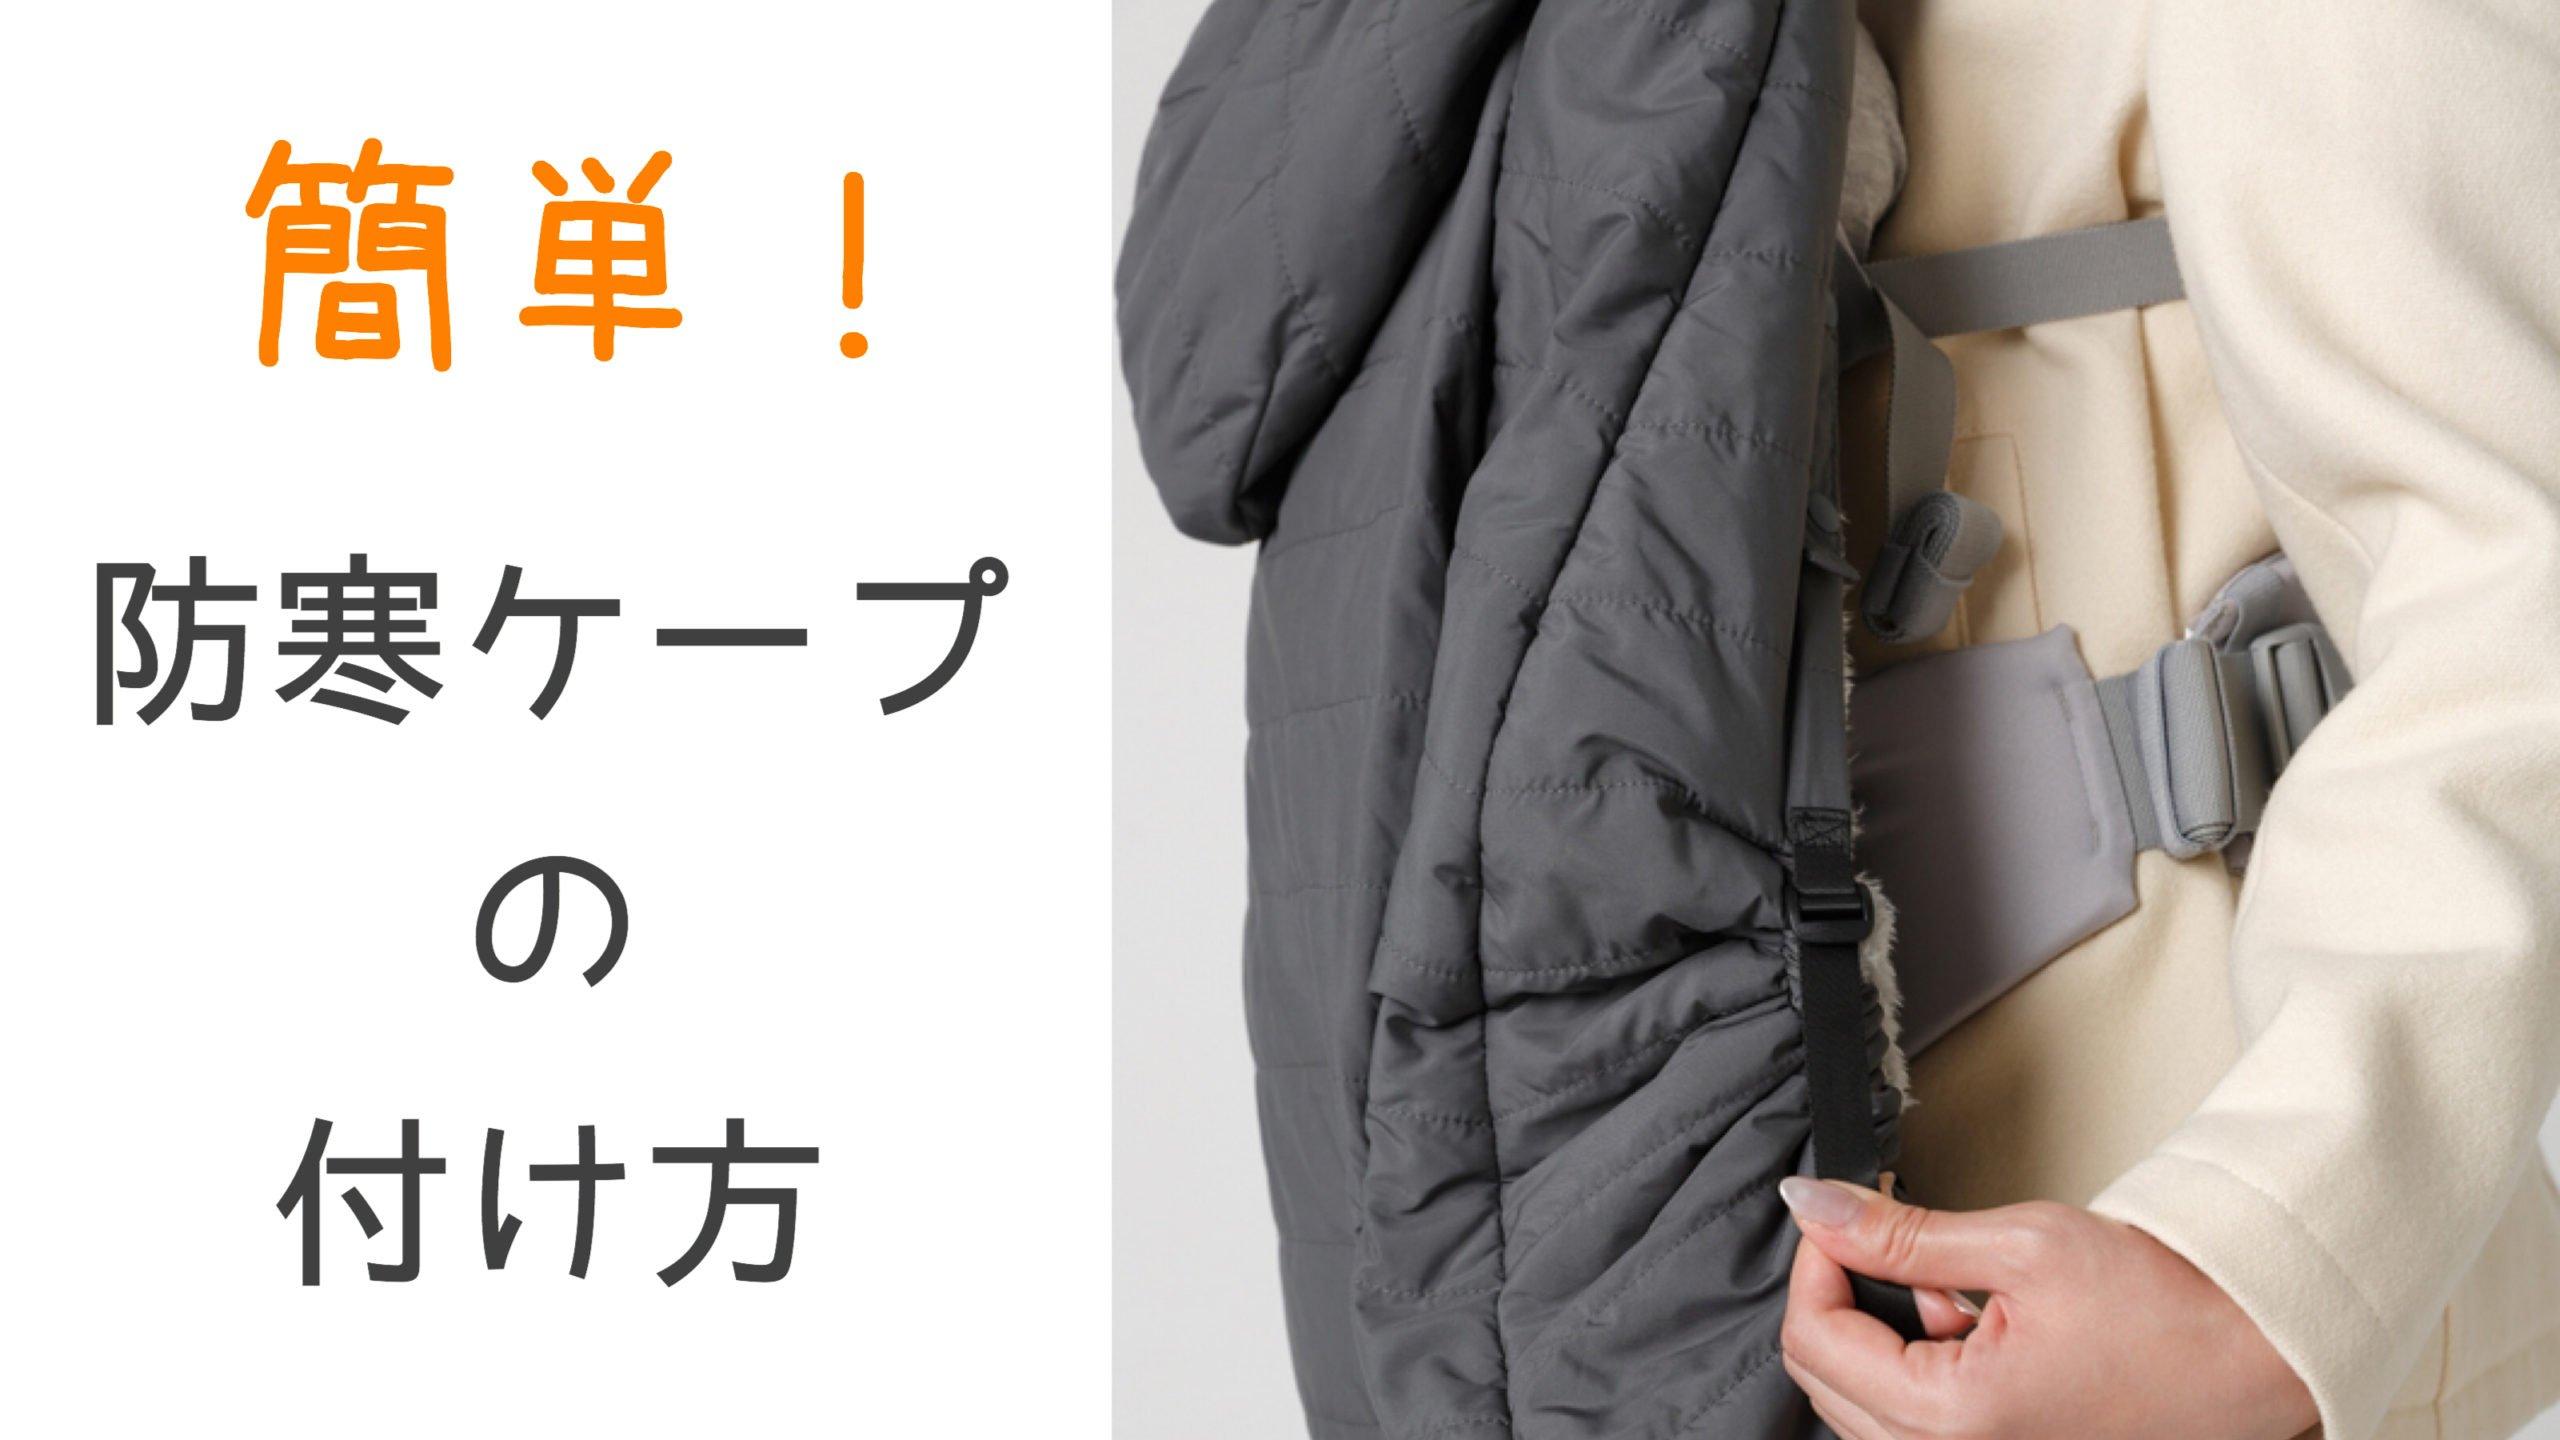 簡単3ステップ!エルゴ用防寒ケープ(カバー)の付け方・使い方